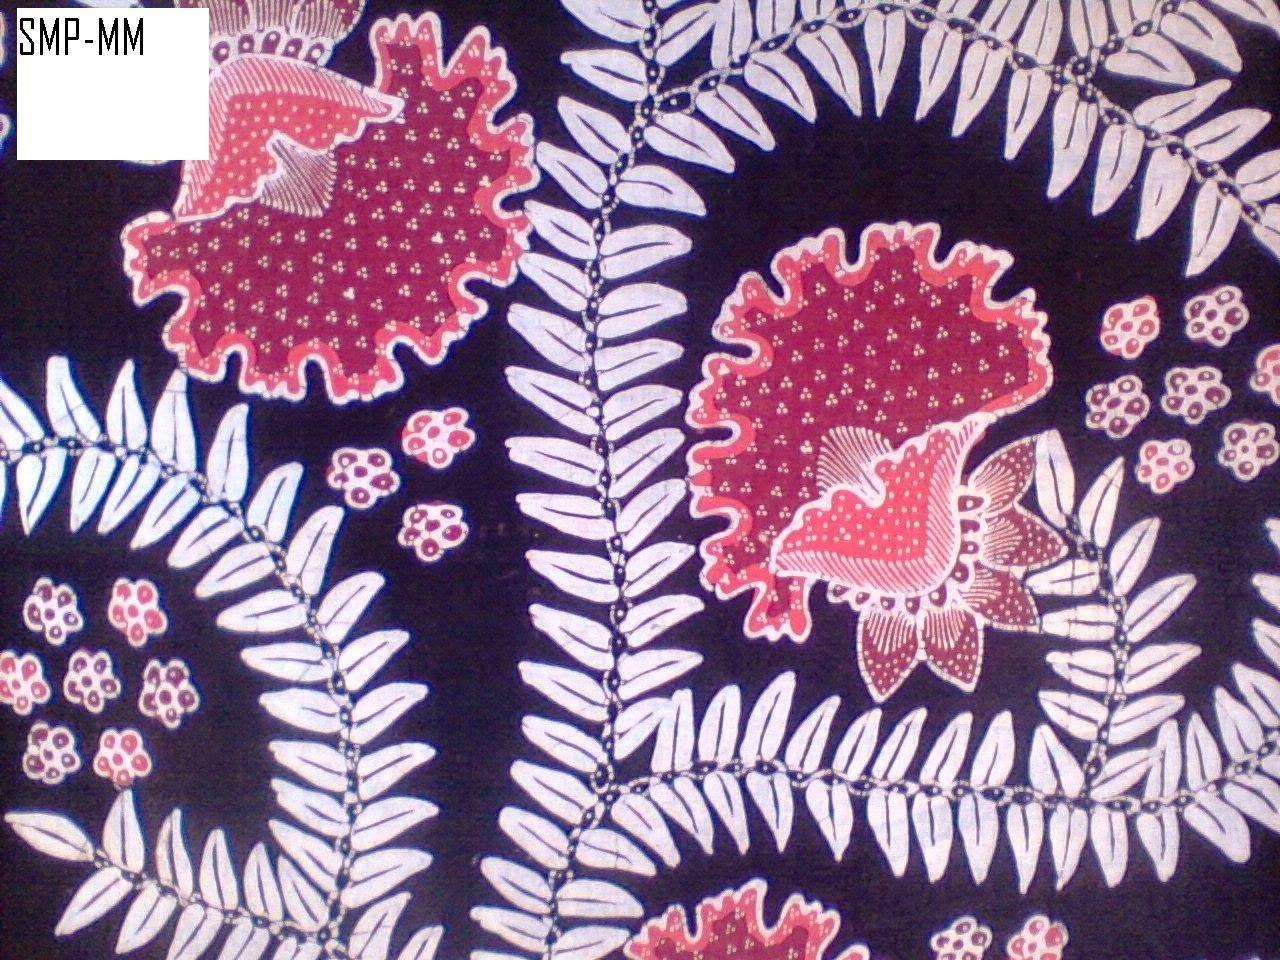 Motif Batik Modern Yang Mudah Digambar - Batik Indonesia